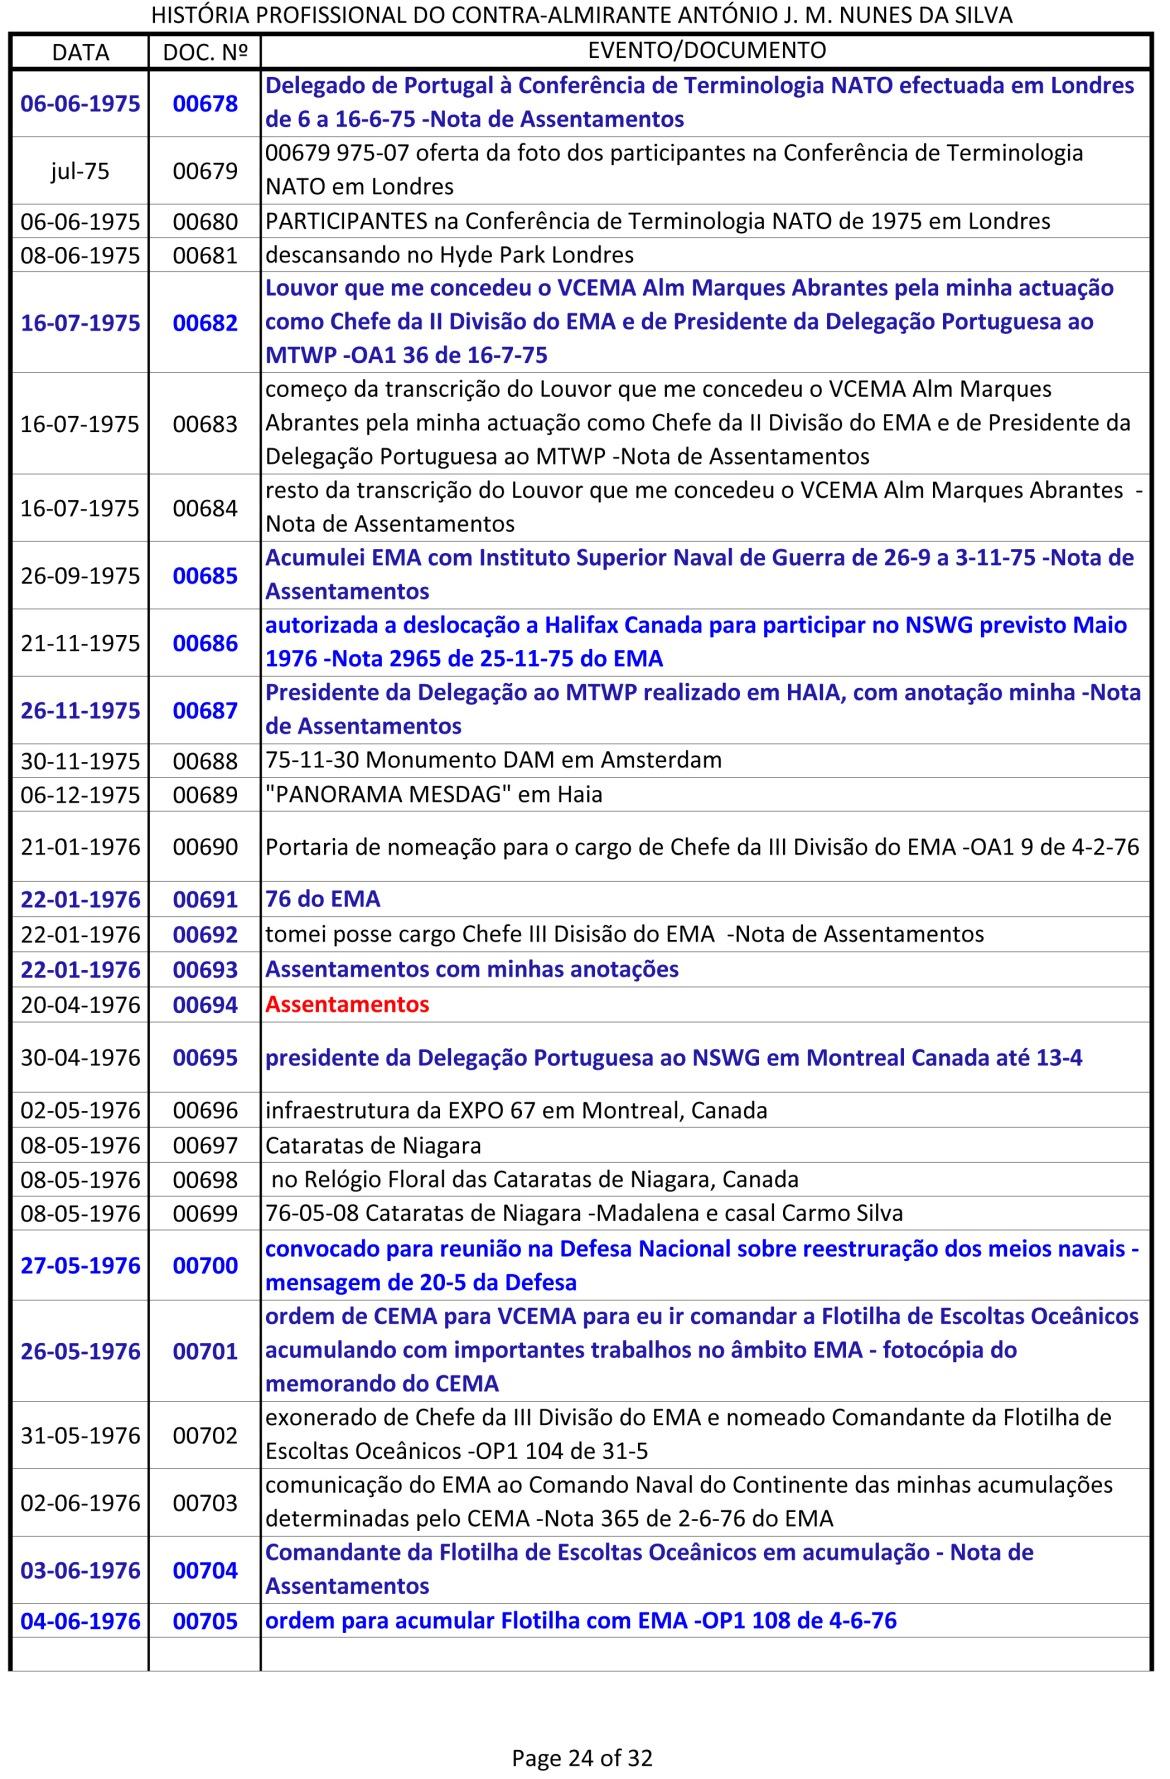 Índice dos documentos da História Profissional do CAlm Nunes da Silva -1943 a 1991-24